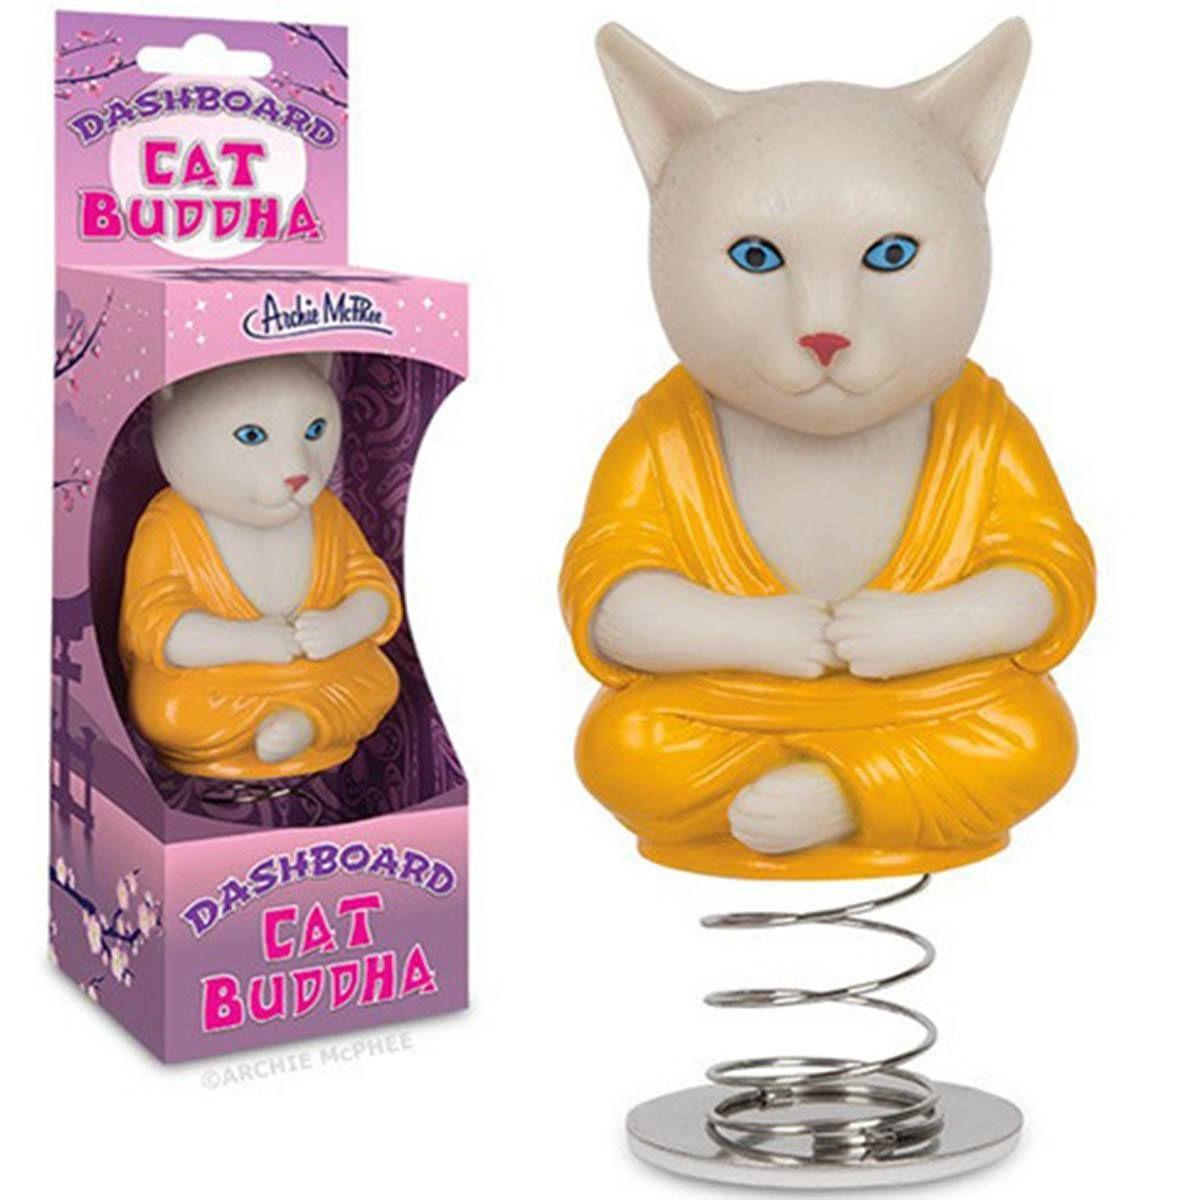 Dashboard Cat Buddha Bobble Figure - Radar Toys